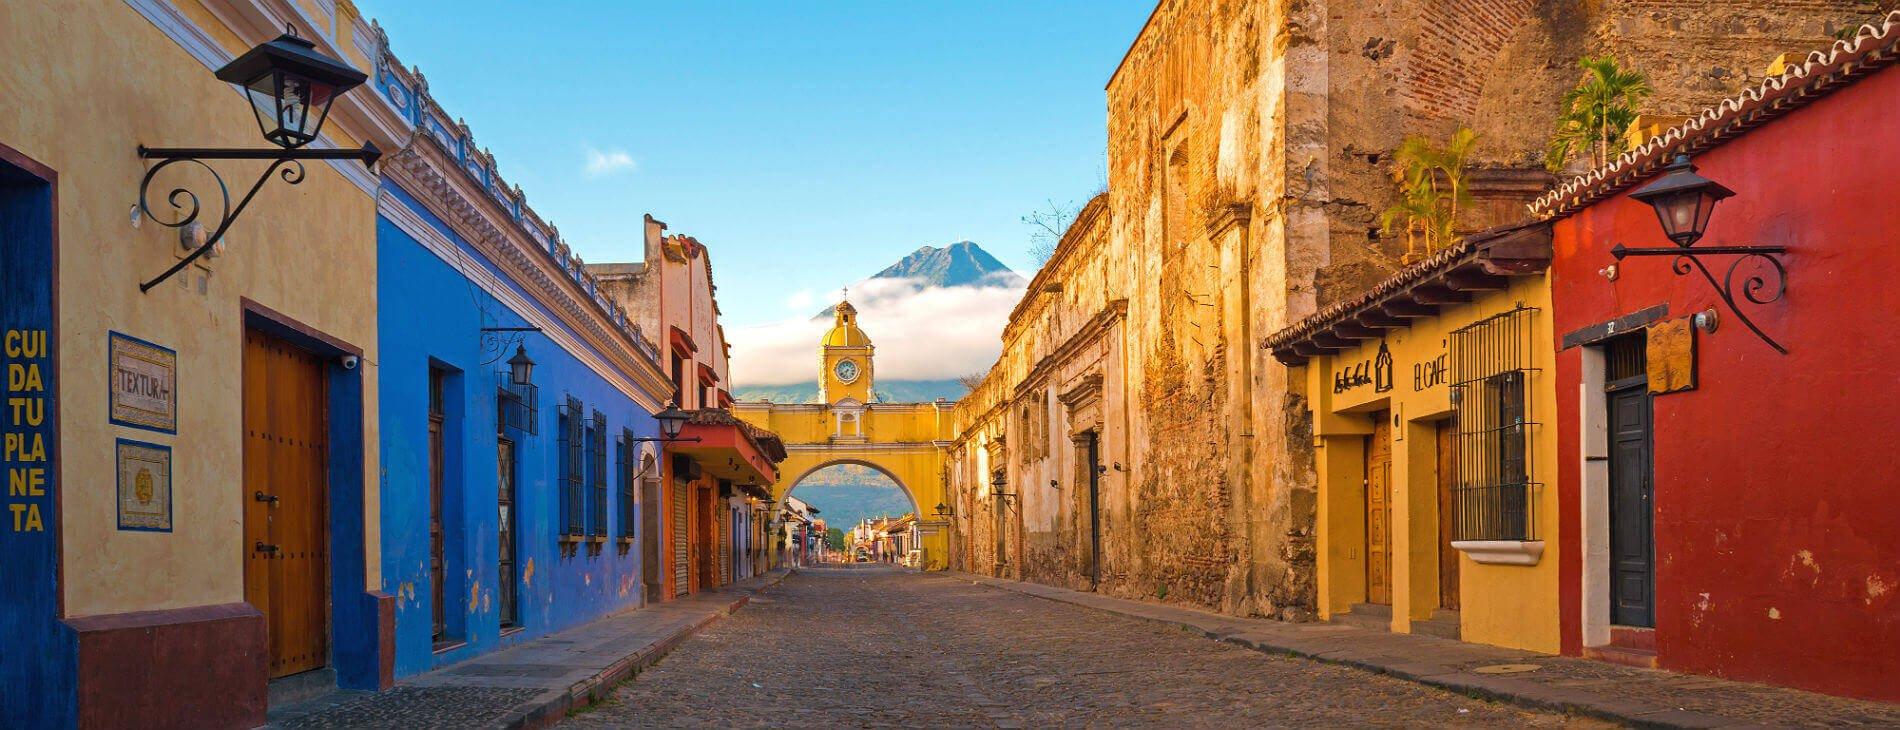 Mastroviaggiatore-guatemala-Antigua-strada